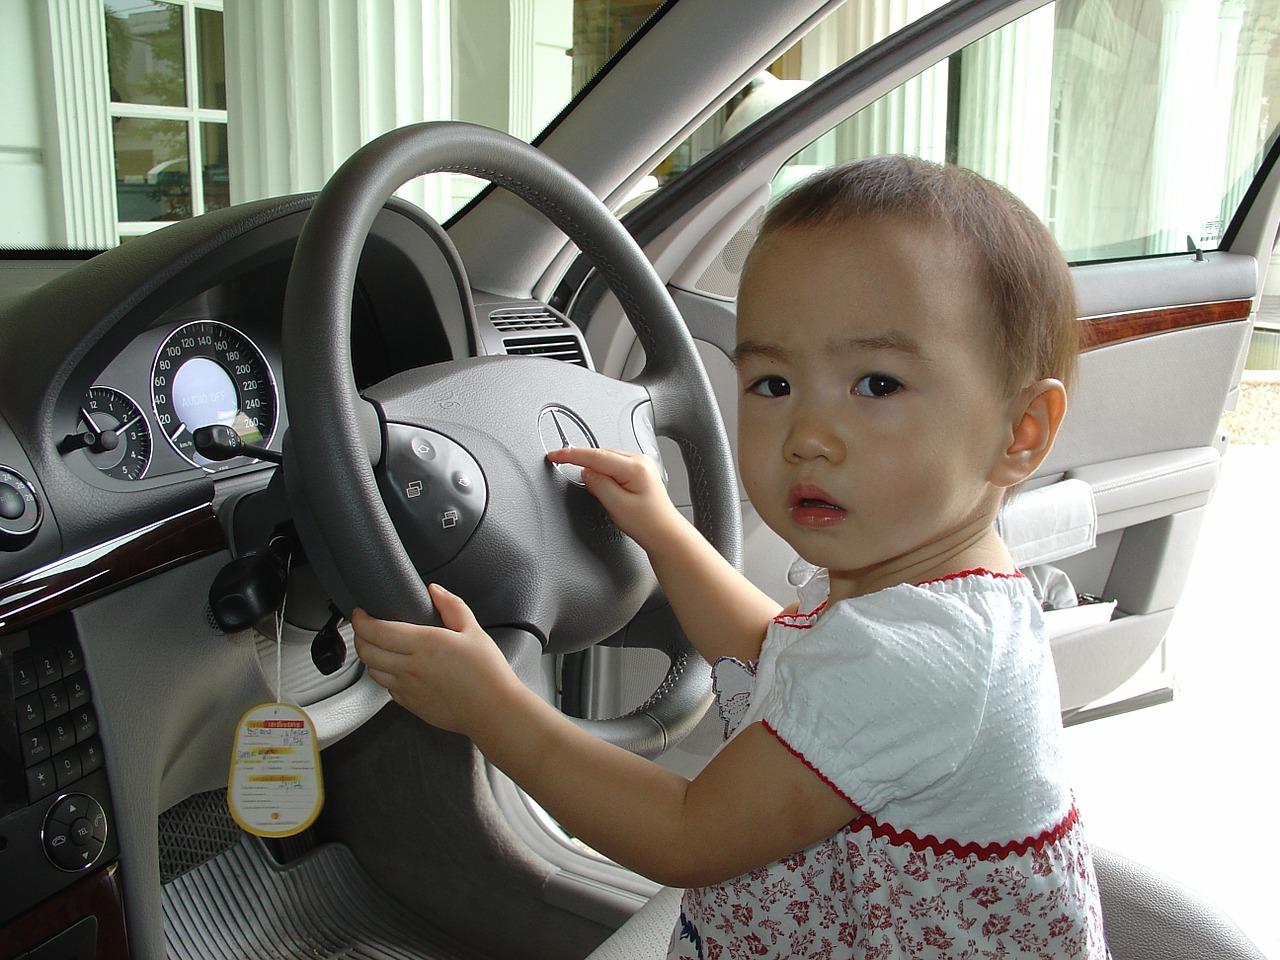 child-479304_1280.jpg